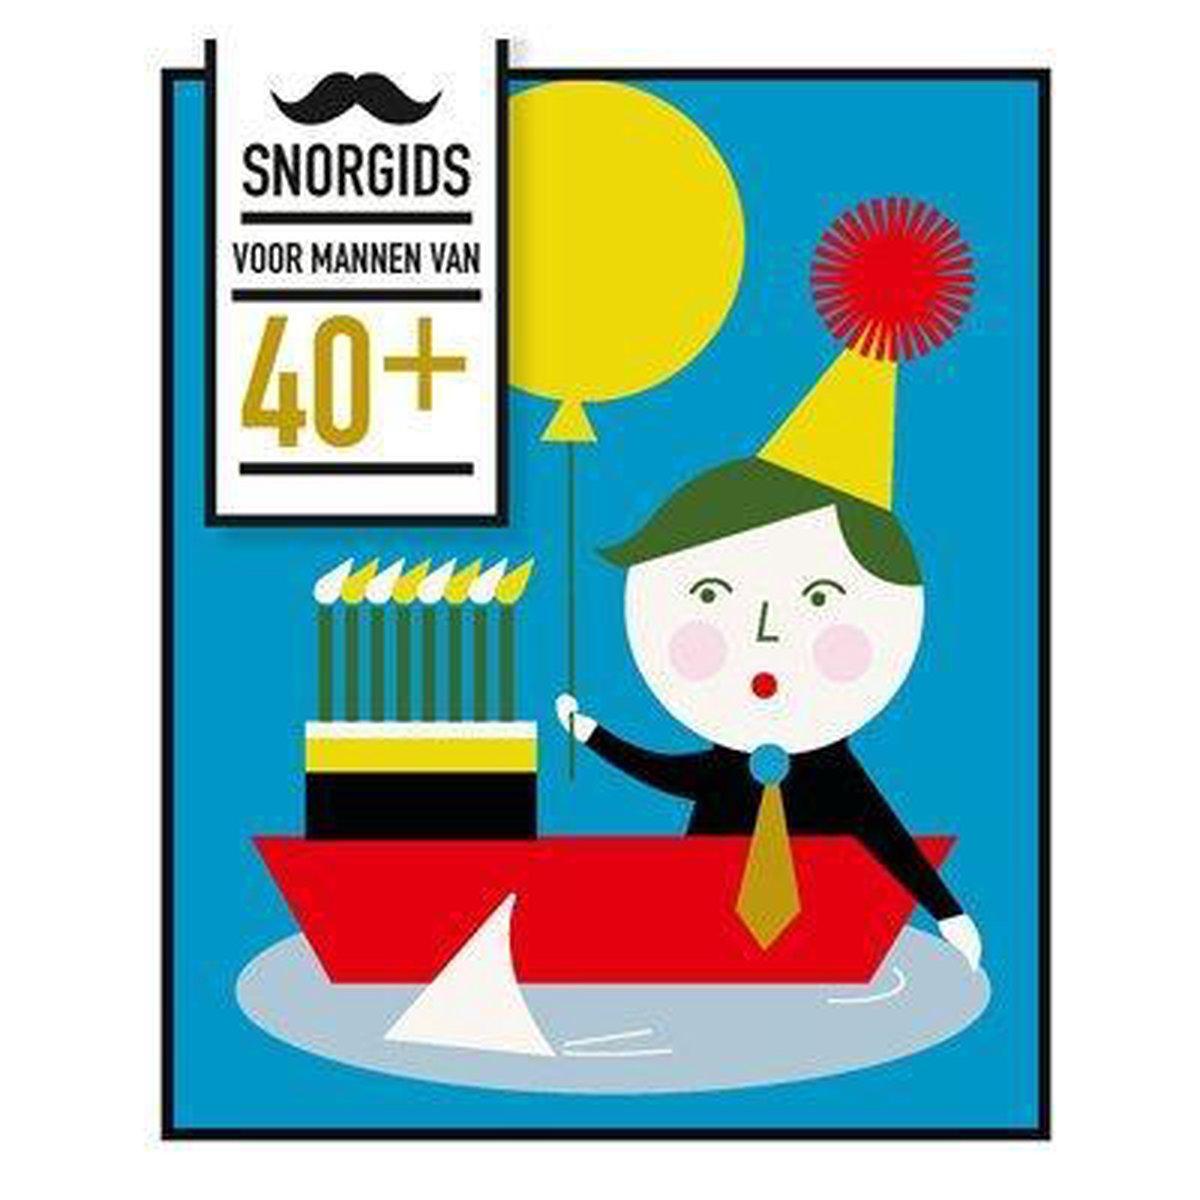 Snor-gids - Snorgids voor mannen van 40 plus - kado man 40 jaar